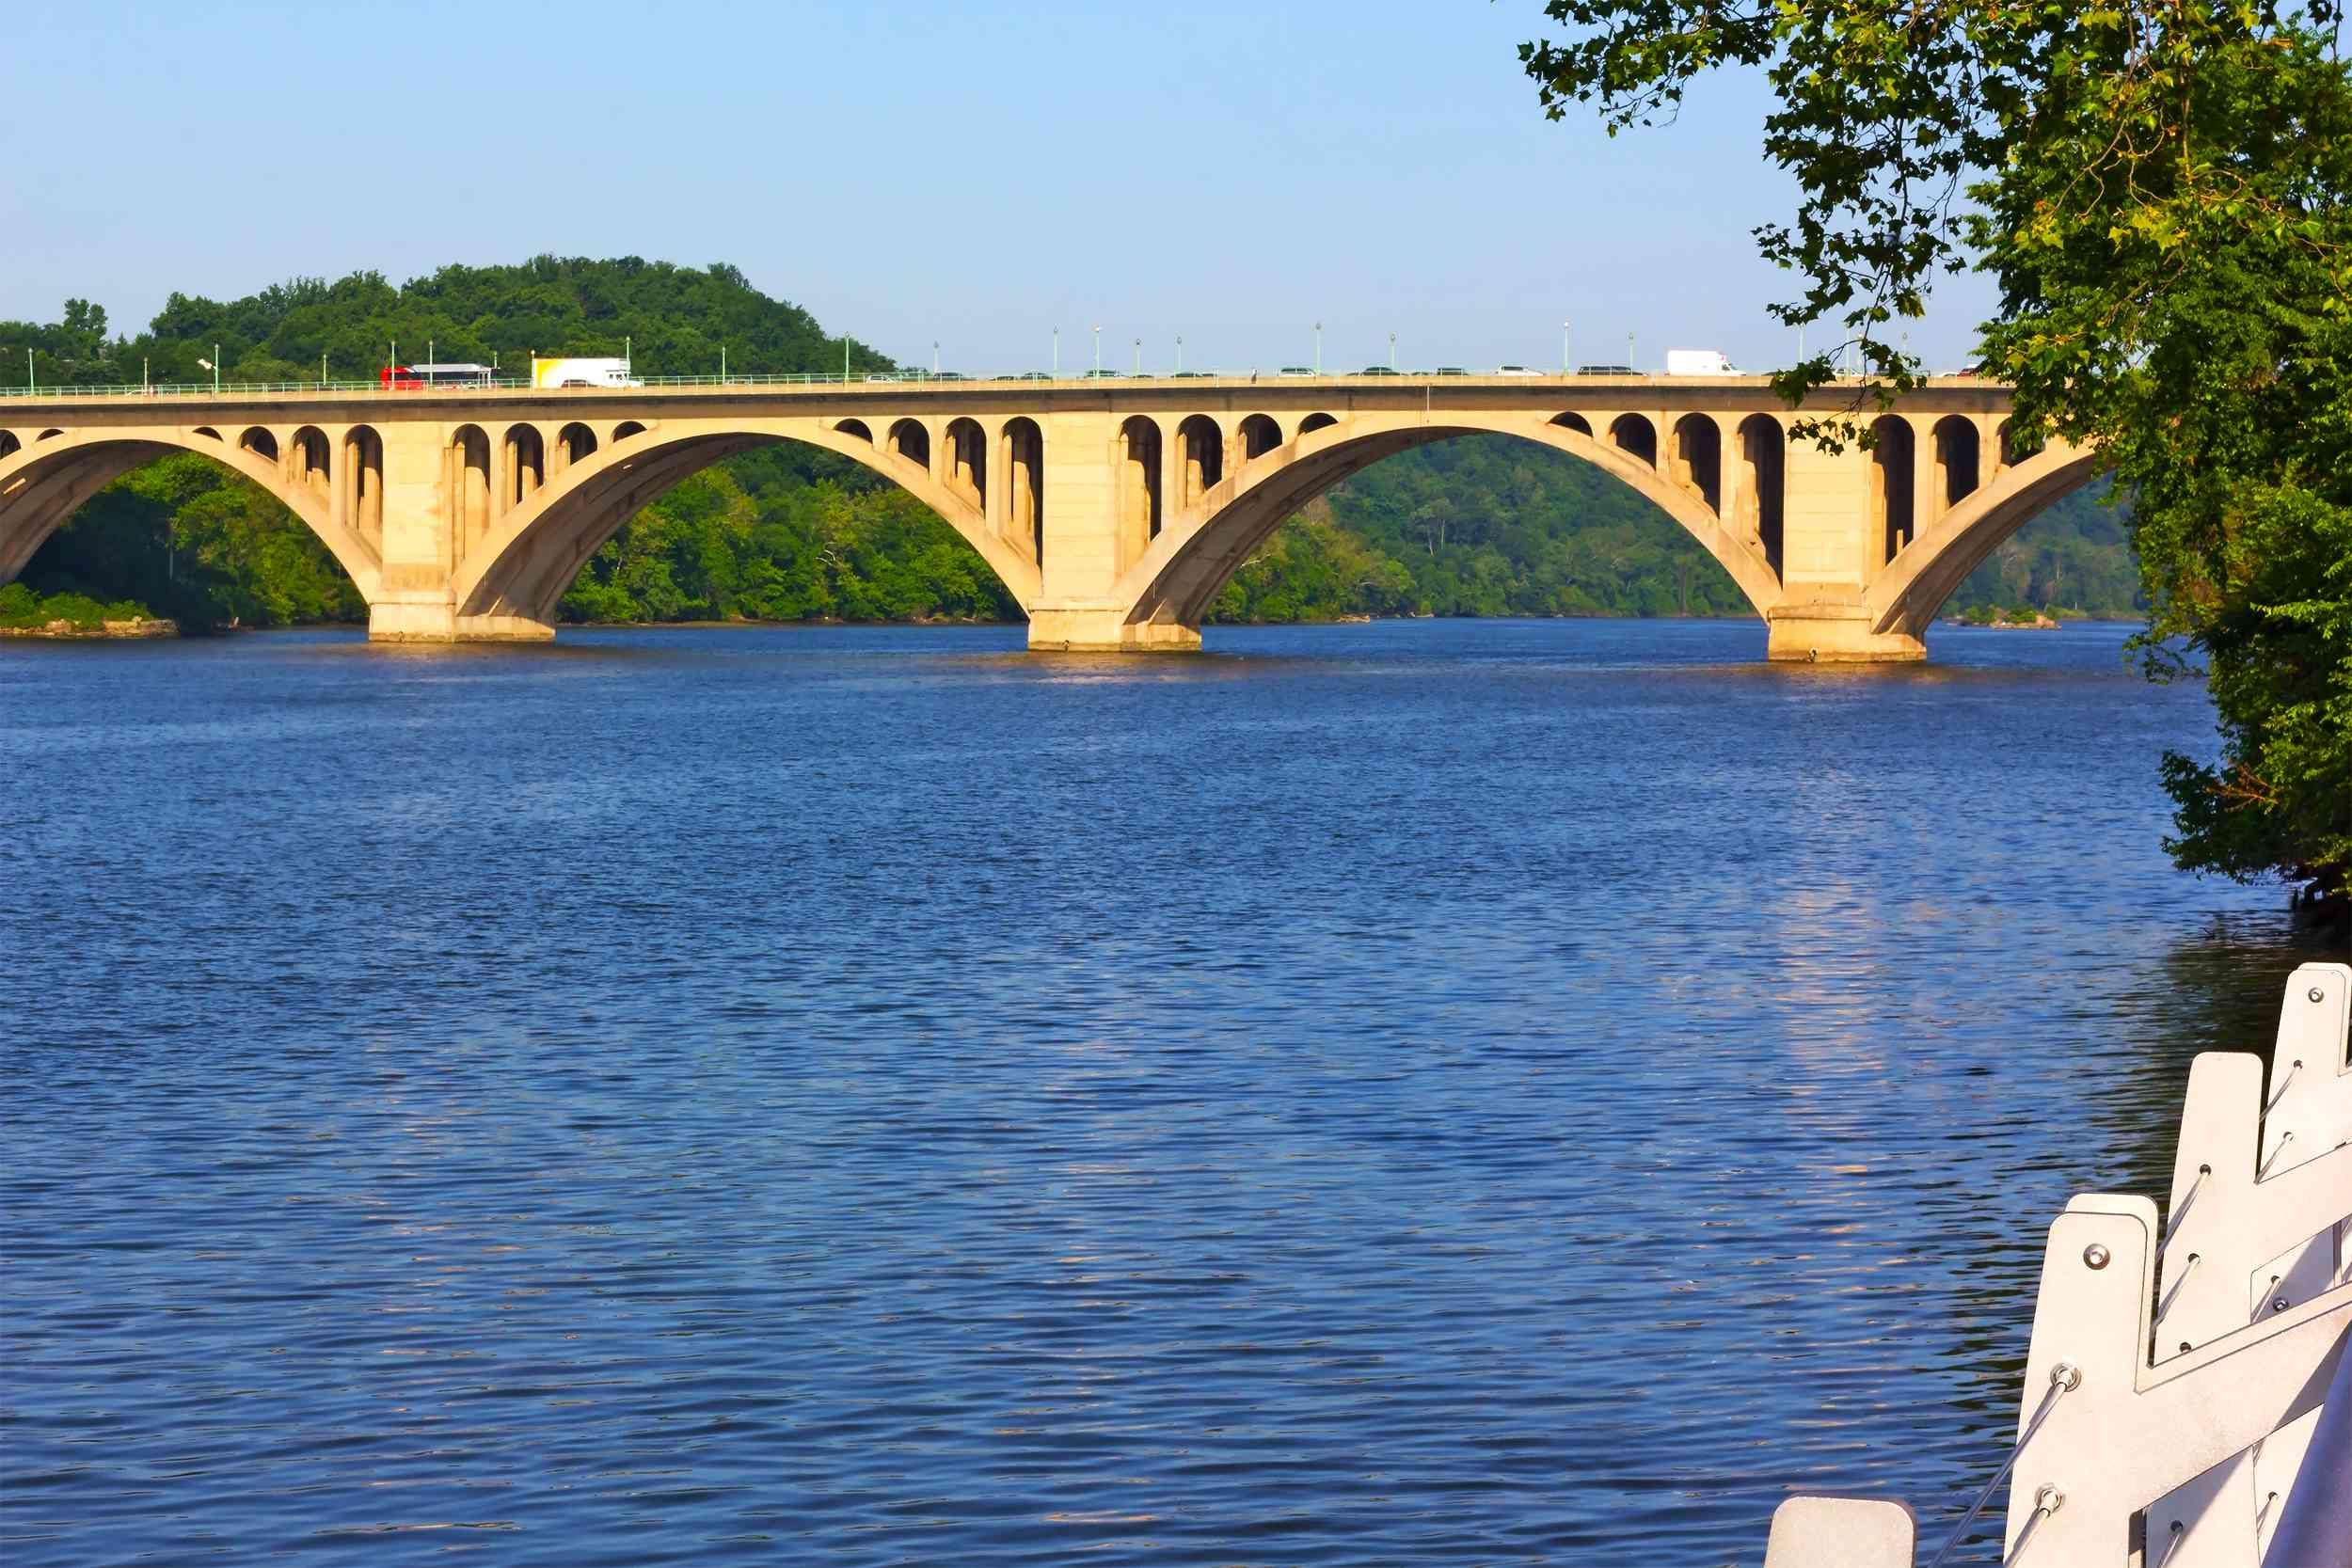 View on Key Bridge and Potomac River.